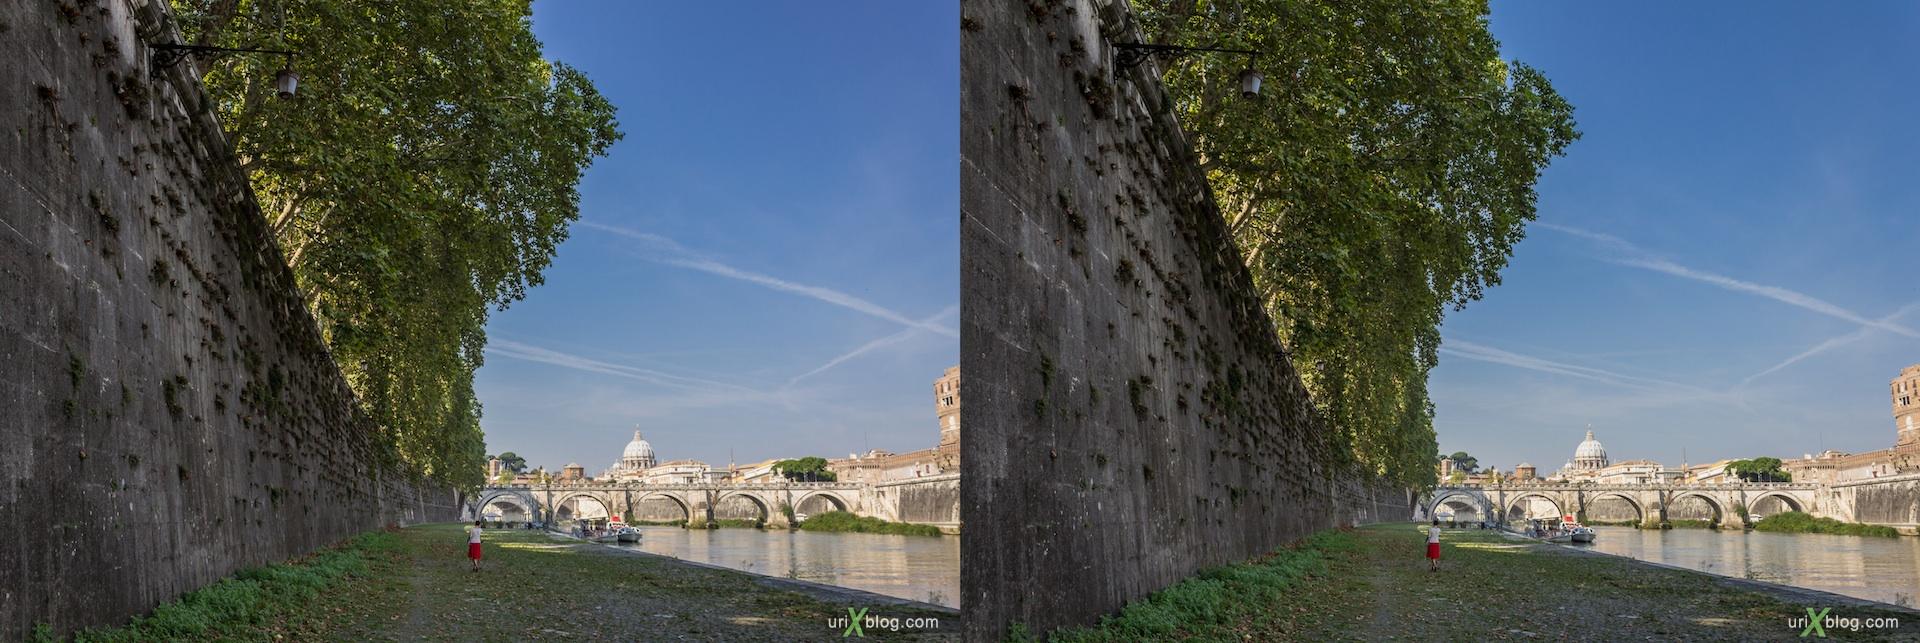 2012, набережная, река, деревья, мост Умберто 1, мост Святого Ангела, Рим, Италия, осень, 3D, перекрёстные стереопары, стерео, стереопара, стереопары